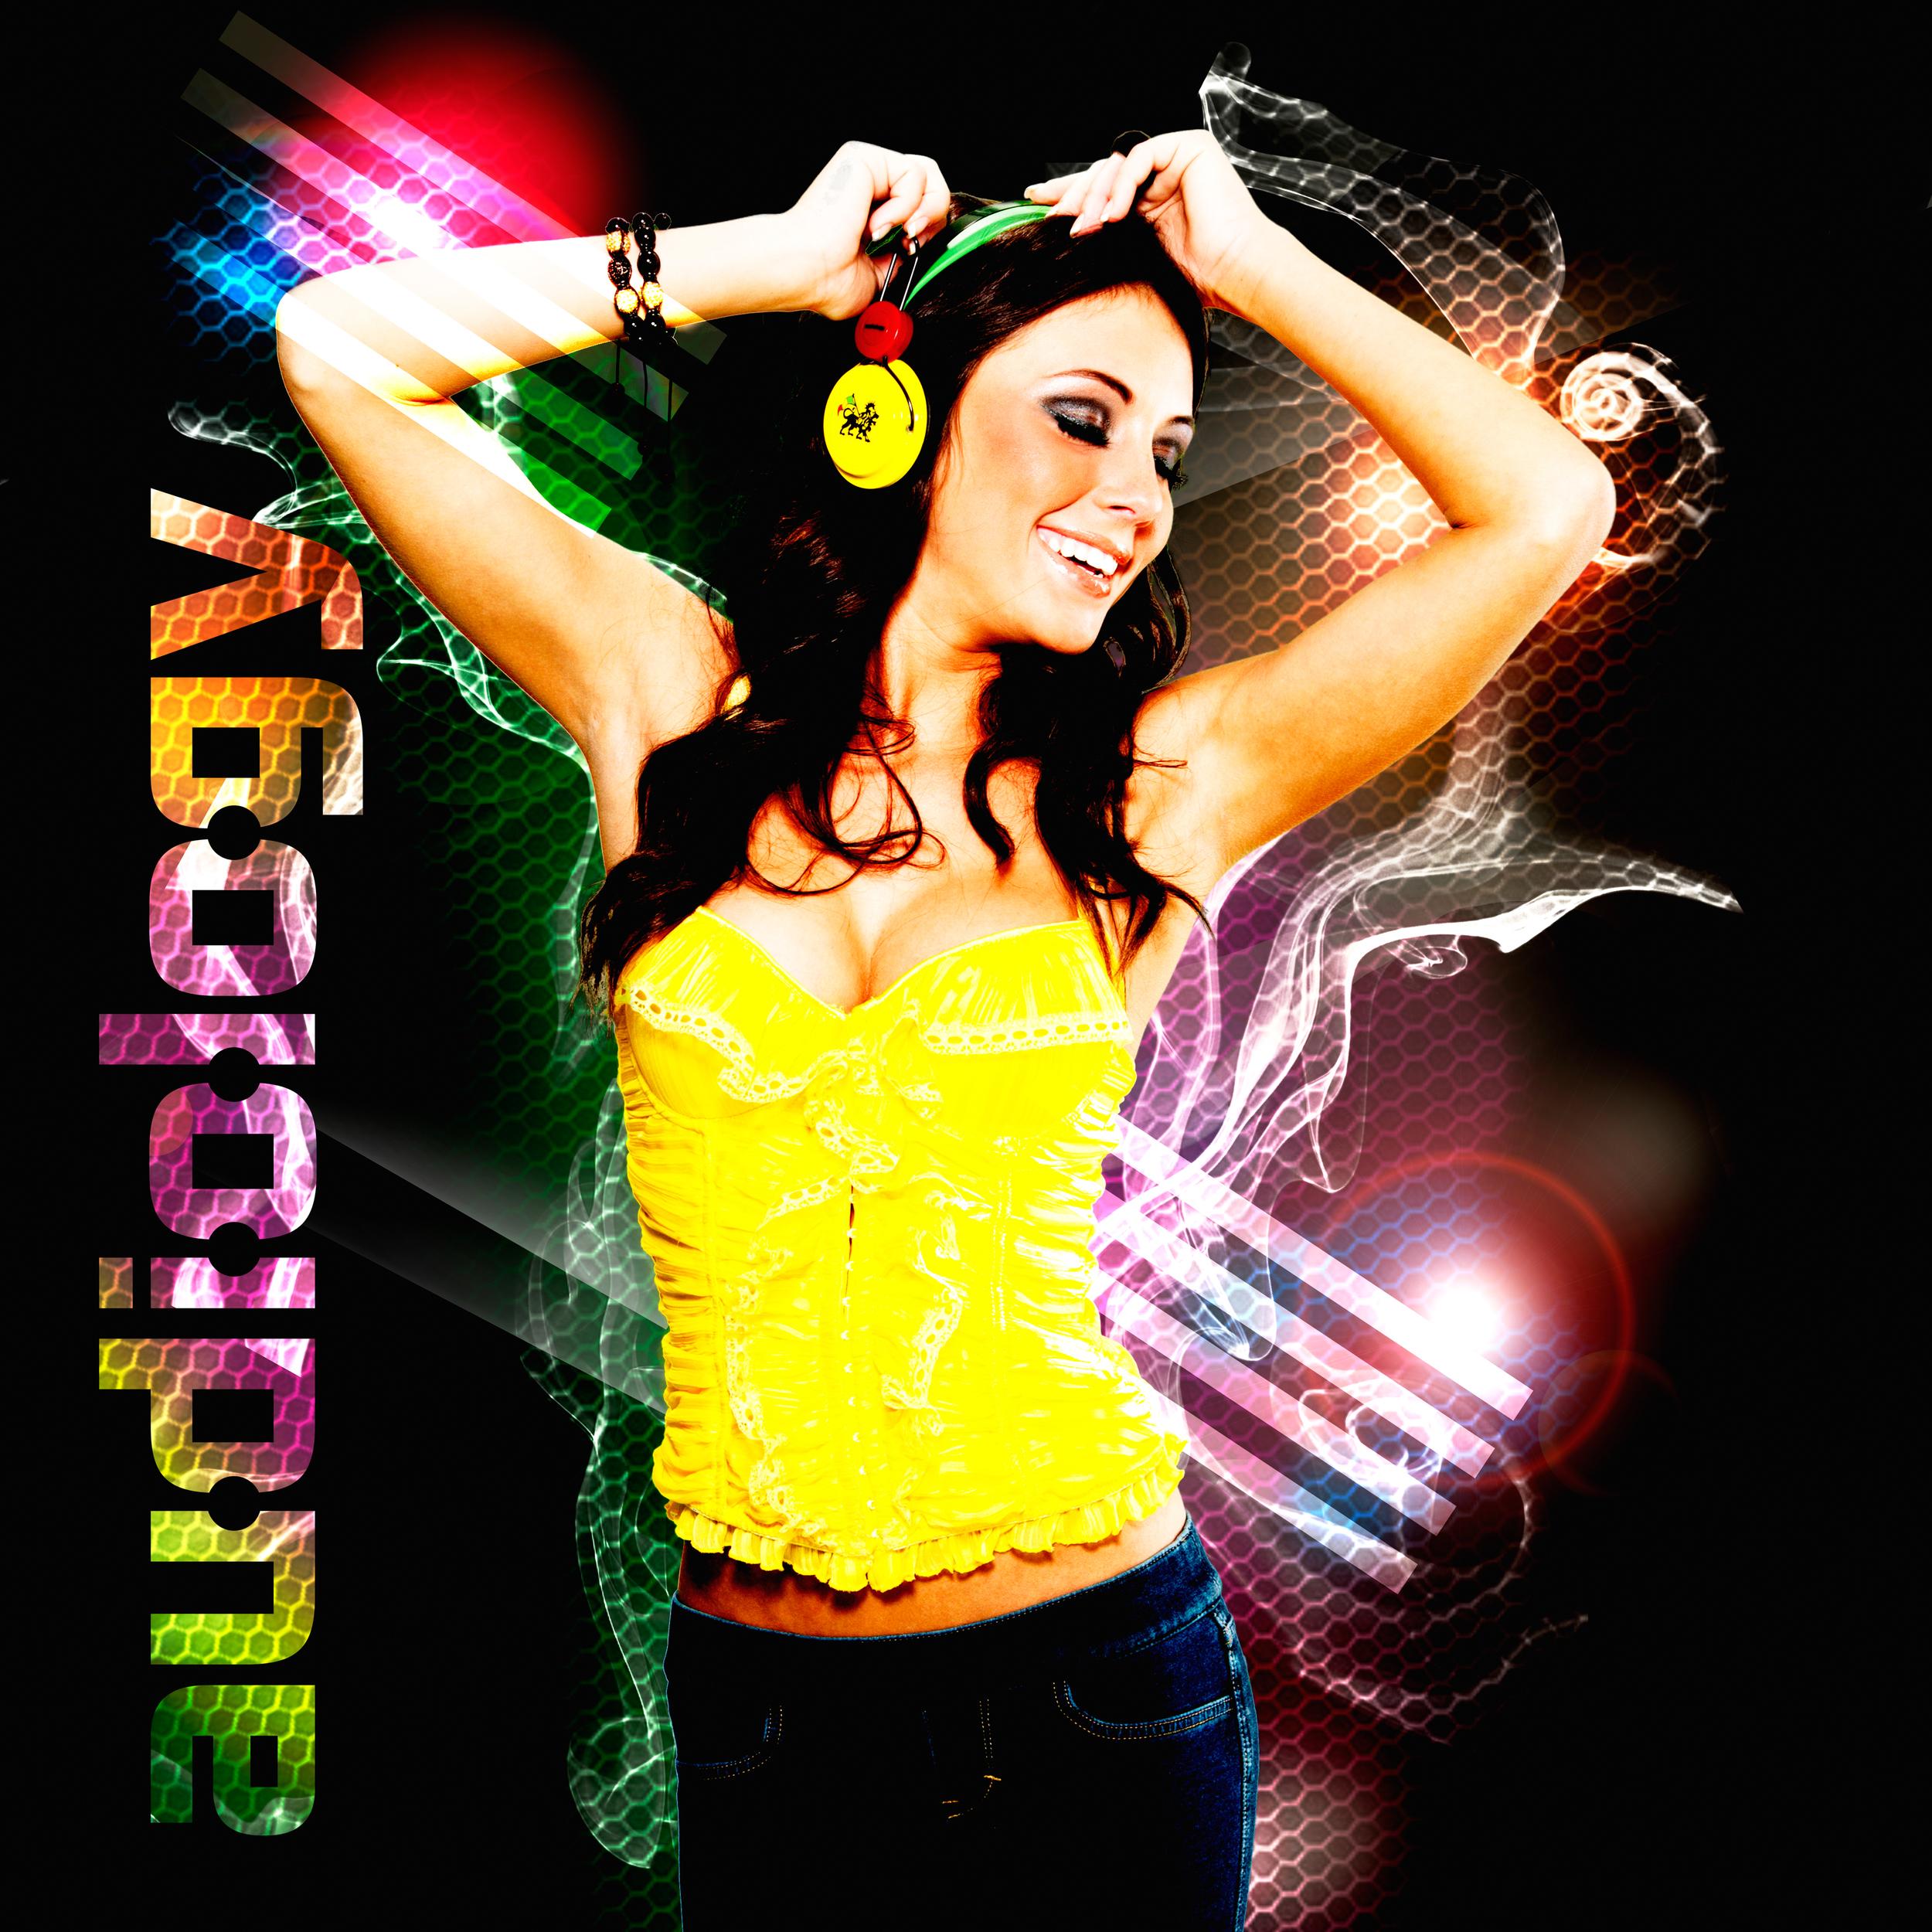 dancinggirlsign.jpg